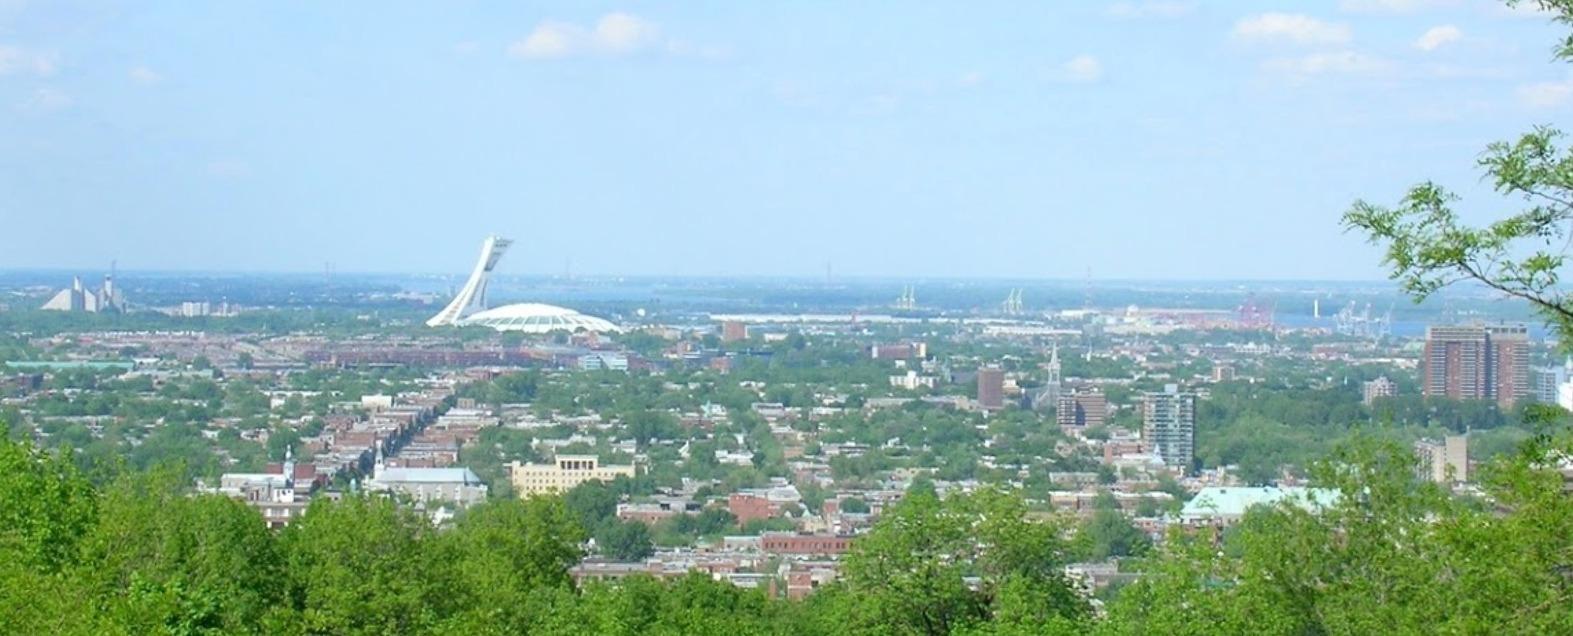 vue-du-stade-olympique-de-montreal-depuis-le-mont-royal-2013